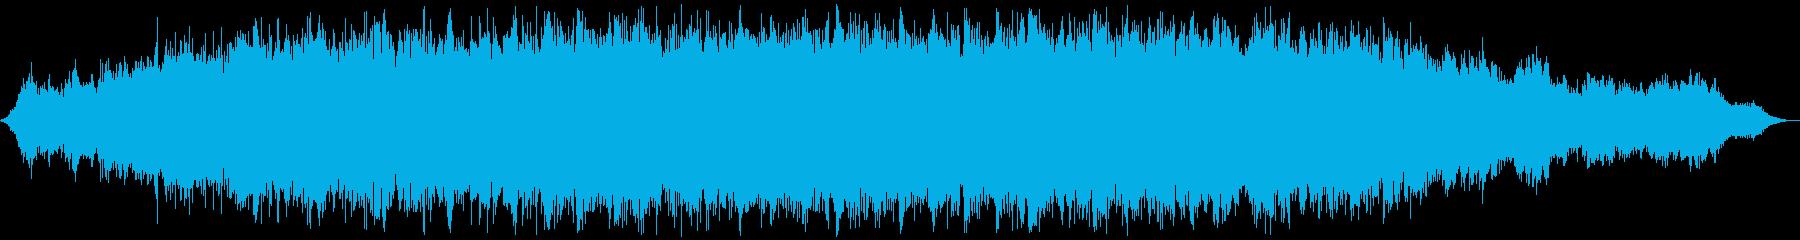 ゆったりとした爽やかなアンビエント曲の再生済みの波形